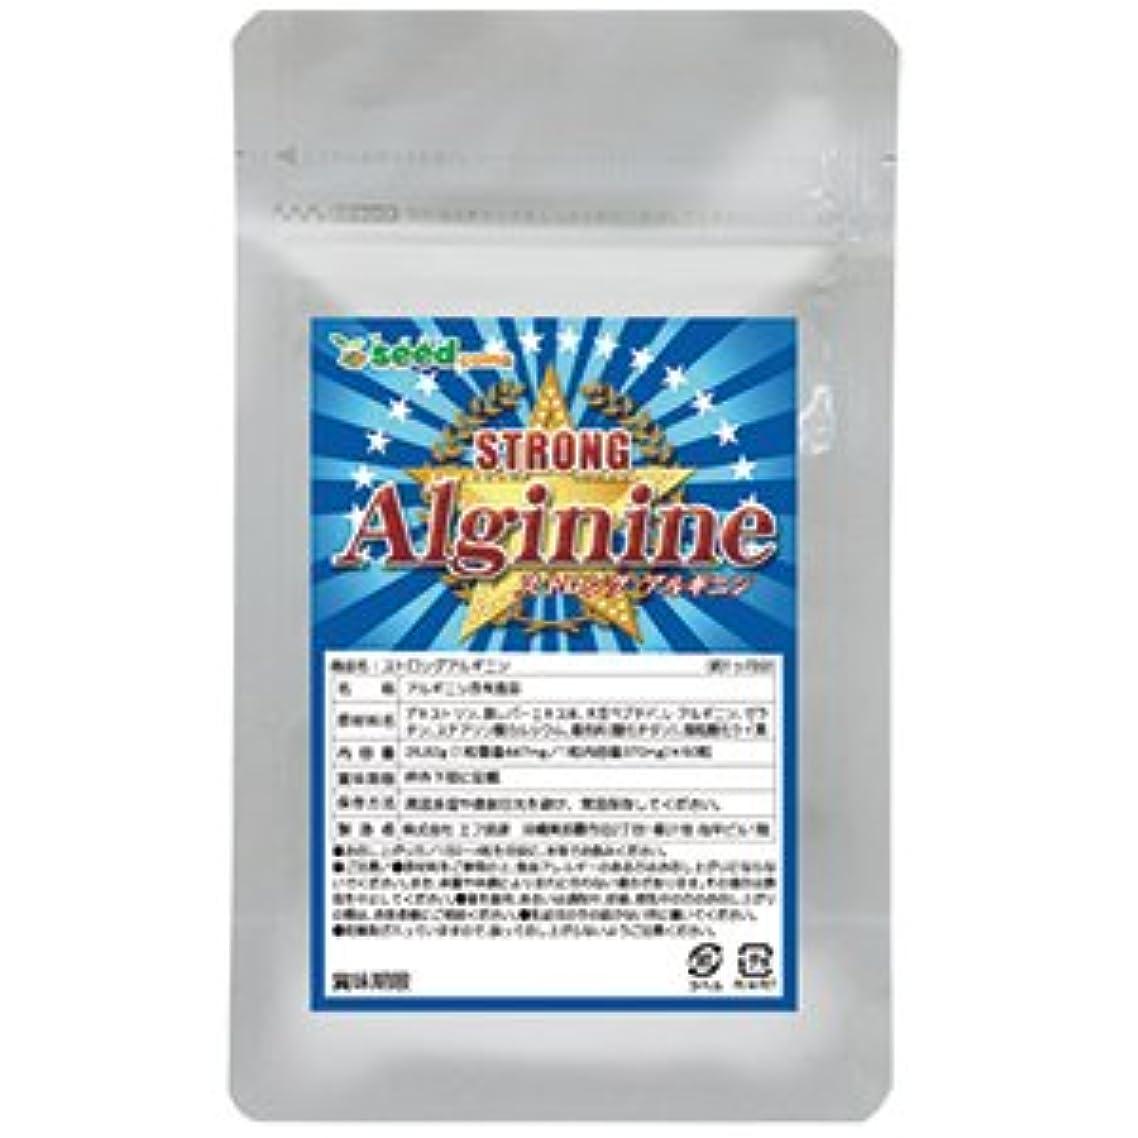 より多い啓発する試すストロングアルギニン (約1ケ月分) アミノ酸の1種アルギニン配合!更にプロテインとレバーエキスも配合